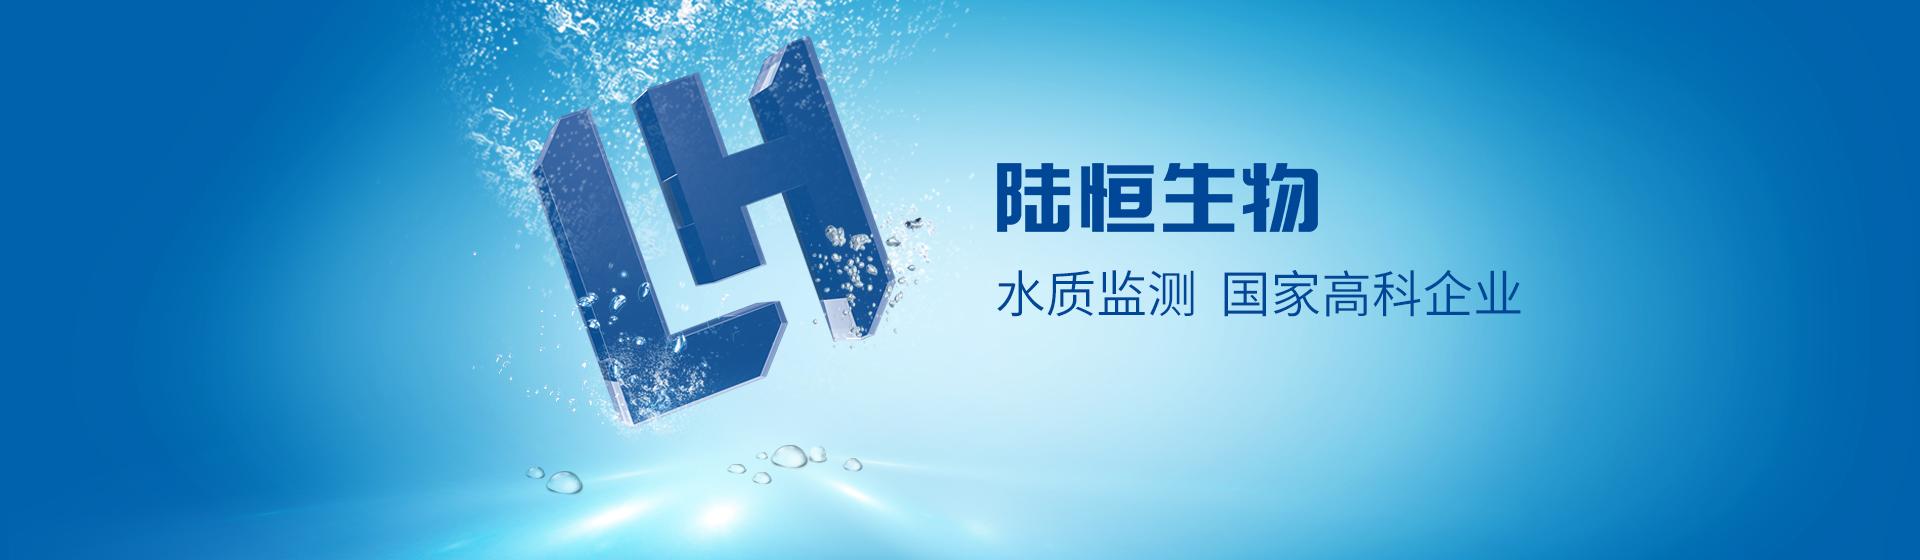 官網banner2